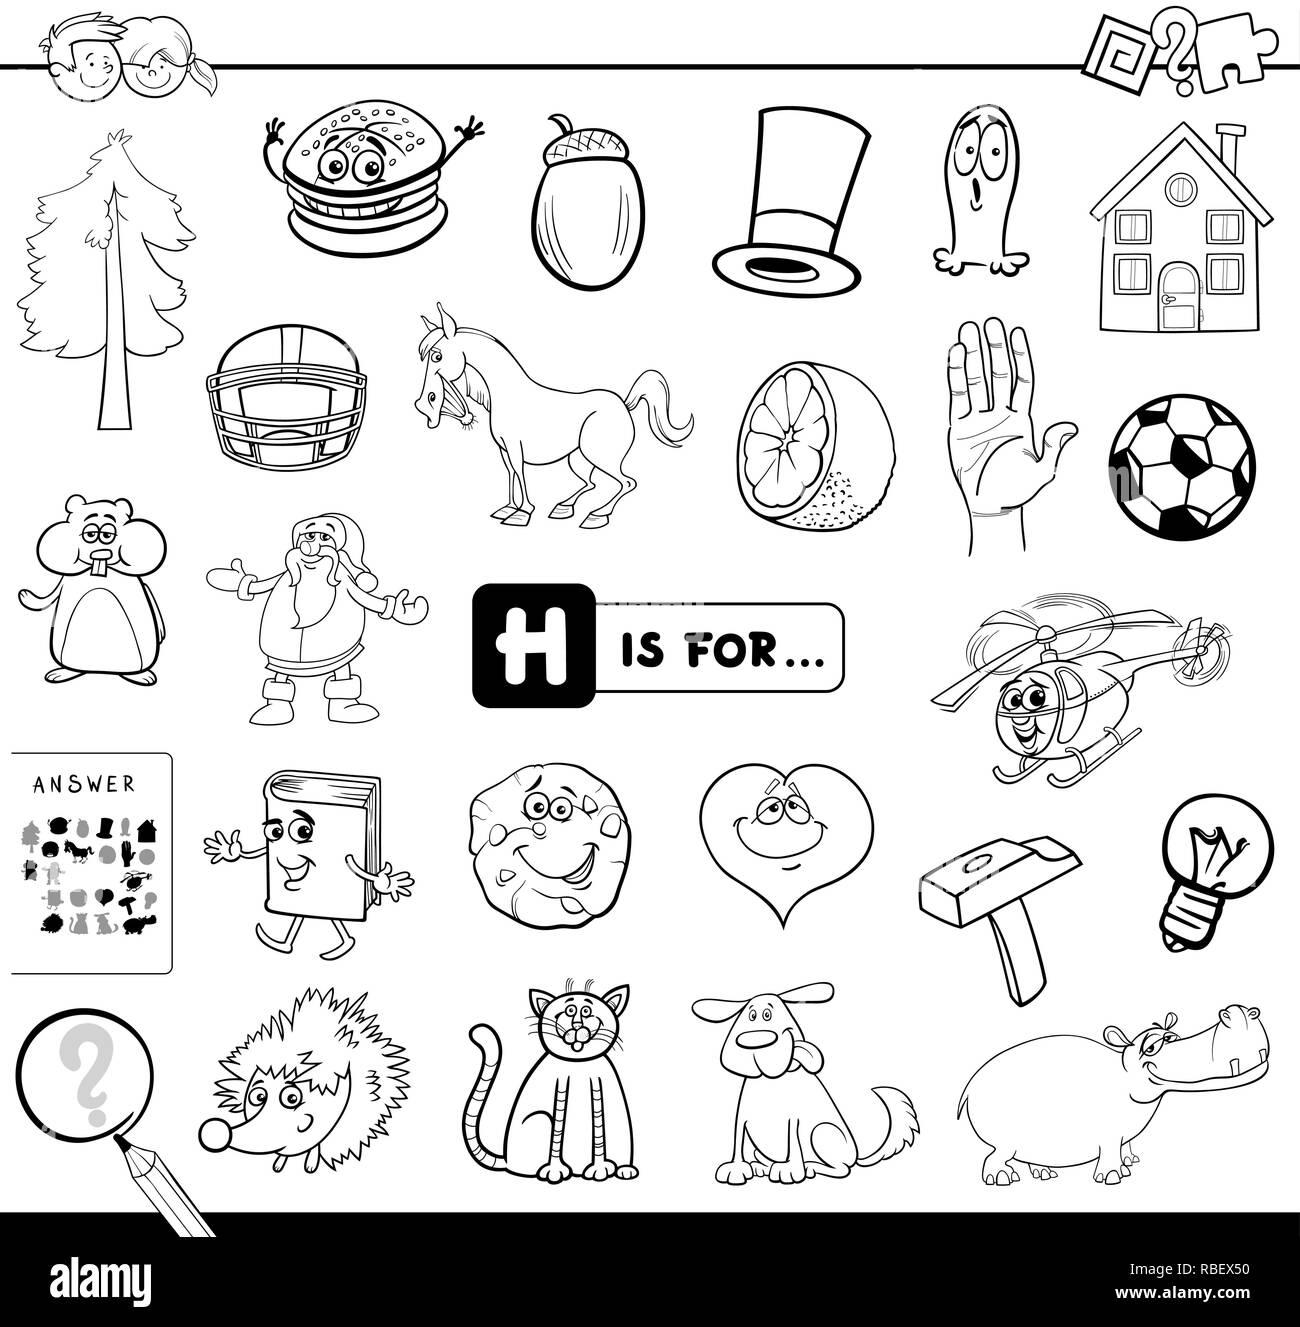 Ilustración Caricatura En Blanco Y Negro De Encontrar La